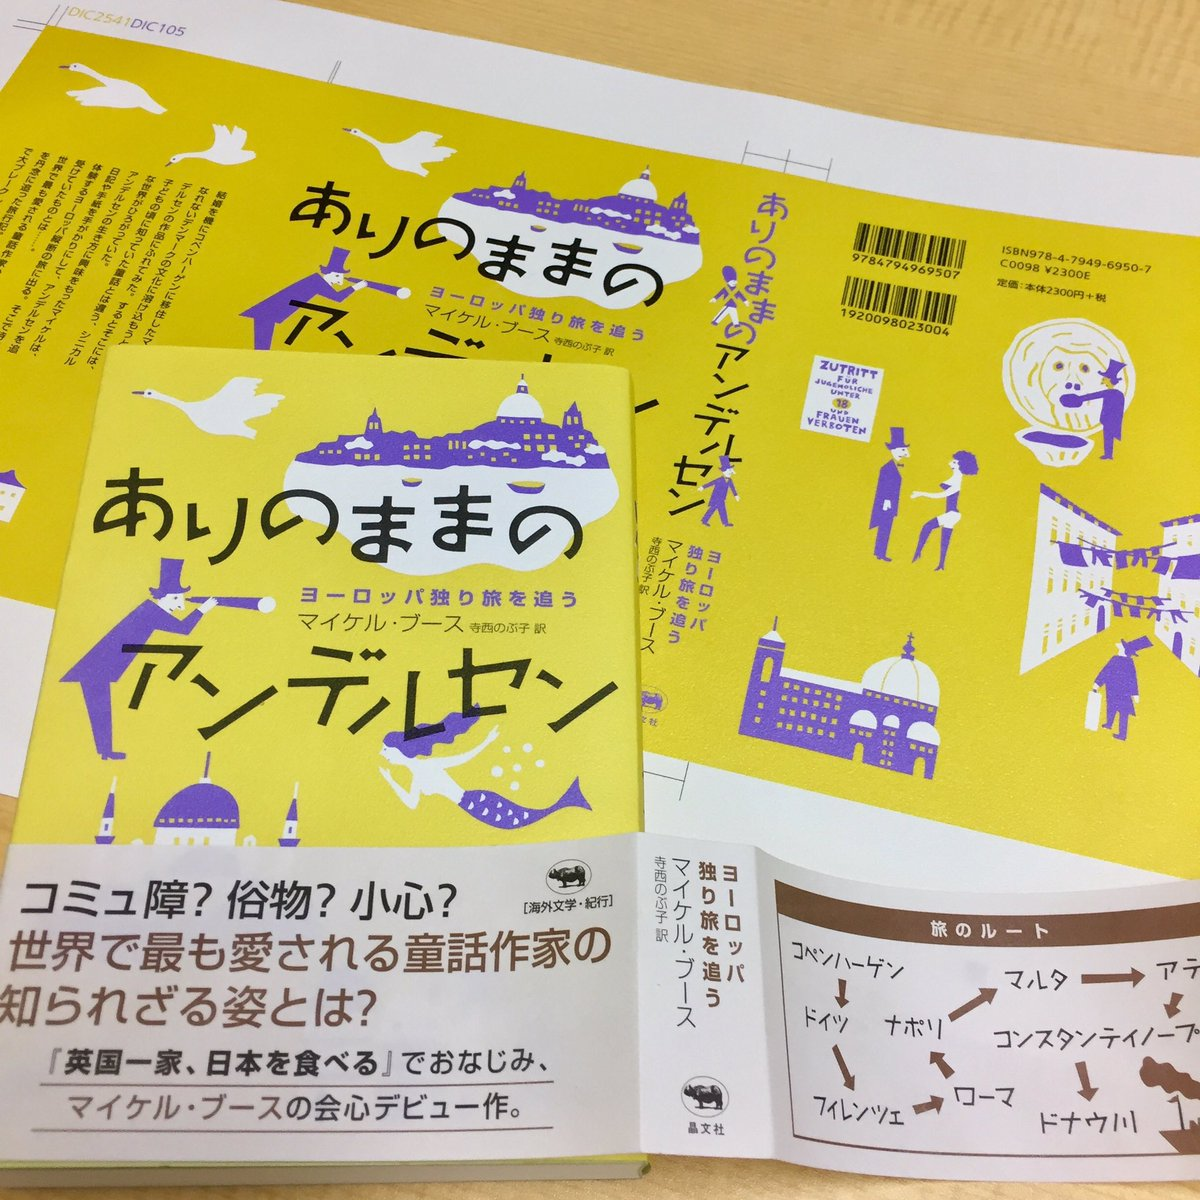 色校出ました。3月の新刊『英国一家、日本を食べる』でおなじみマイケル・ブースの『ありのままのアンデルセン』。童話作家アン